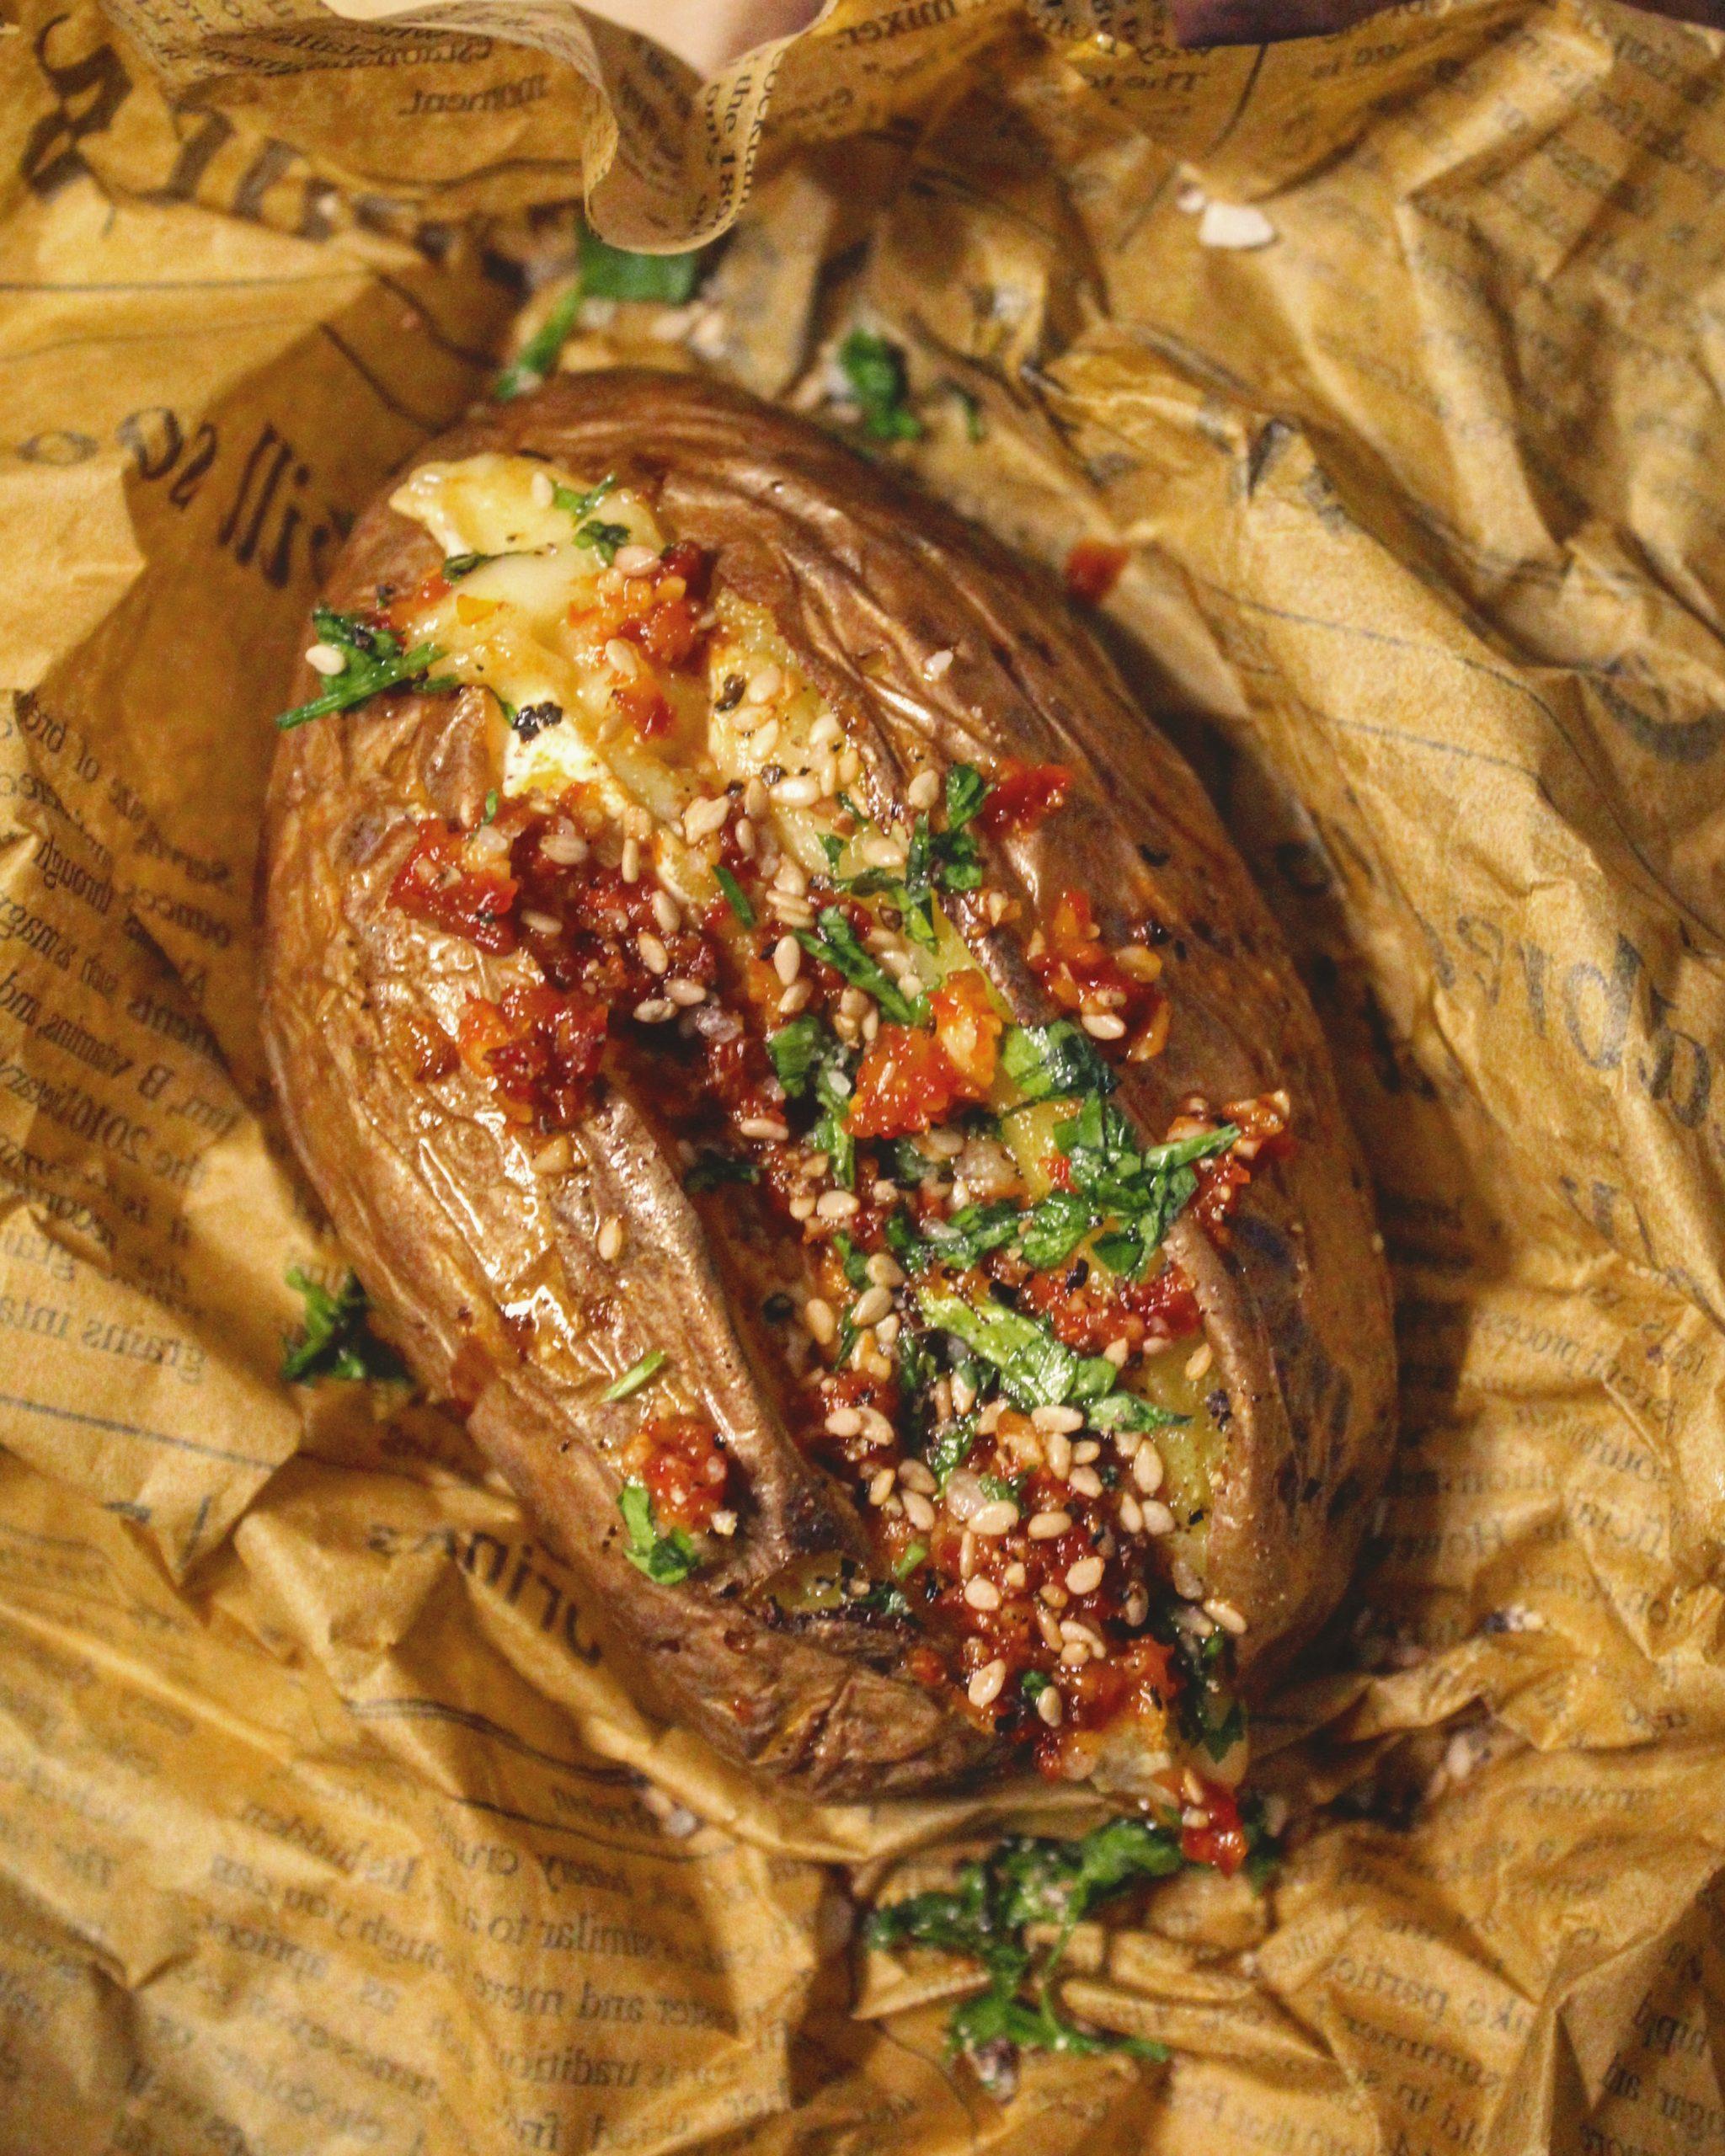 Patate in camicia con brie e pesto di pomodoro secco